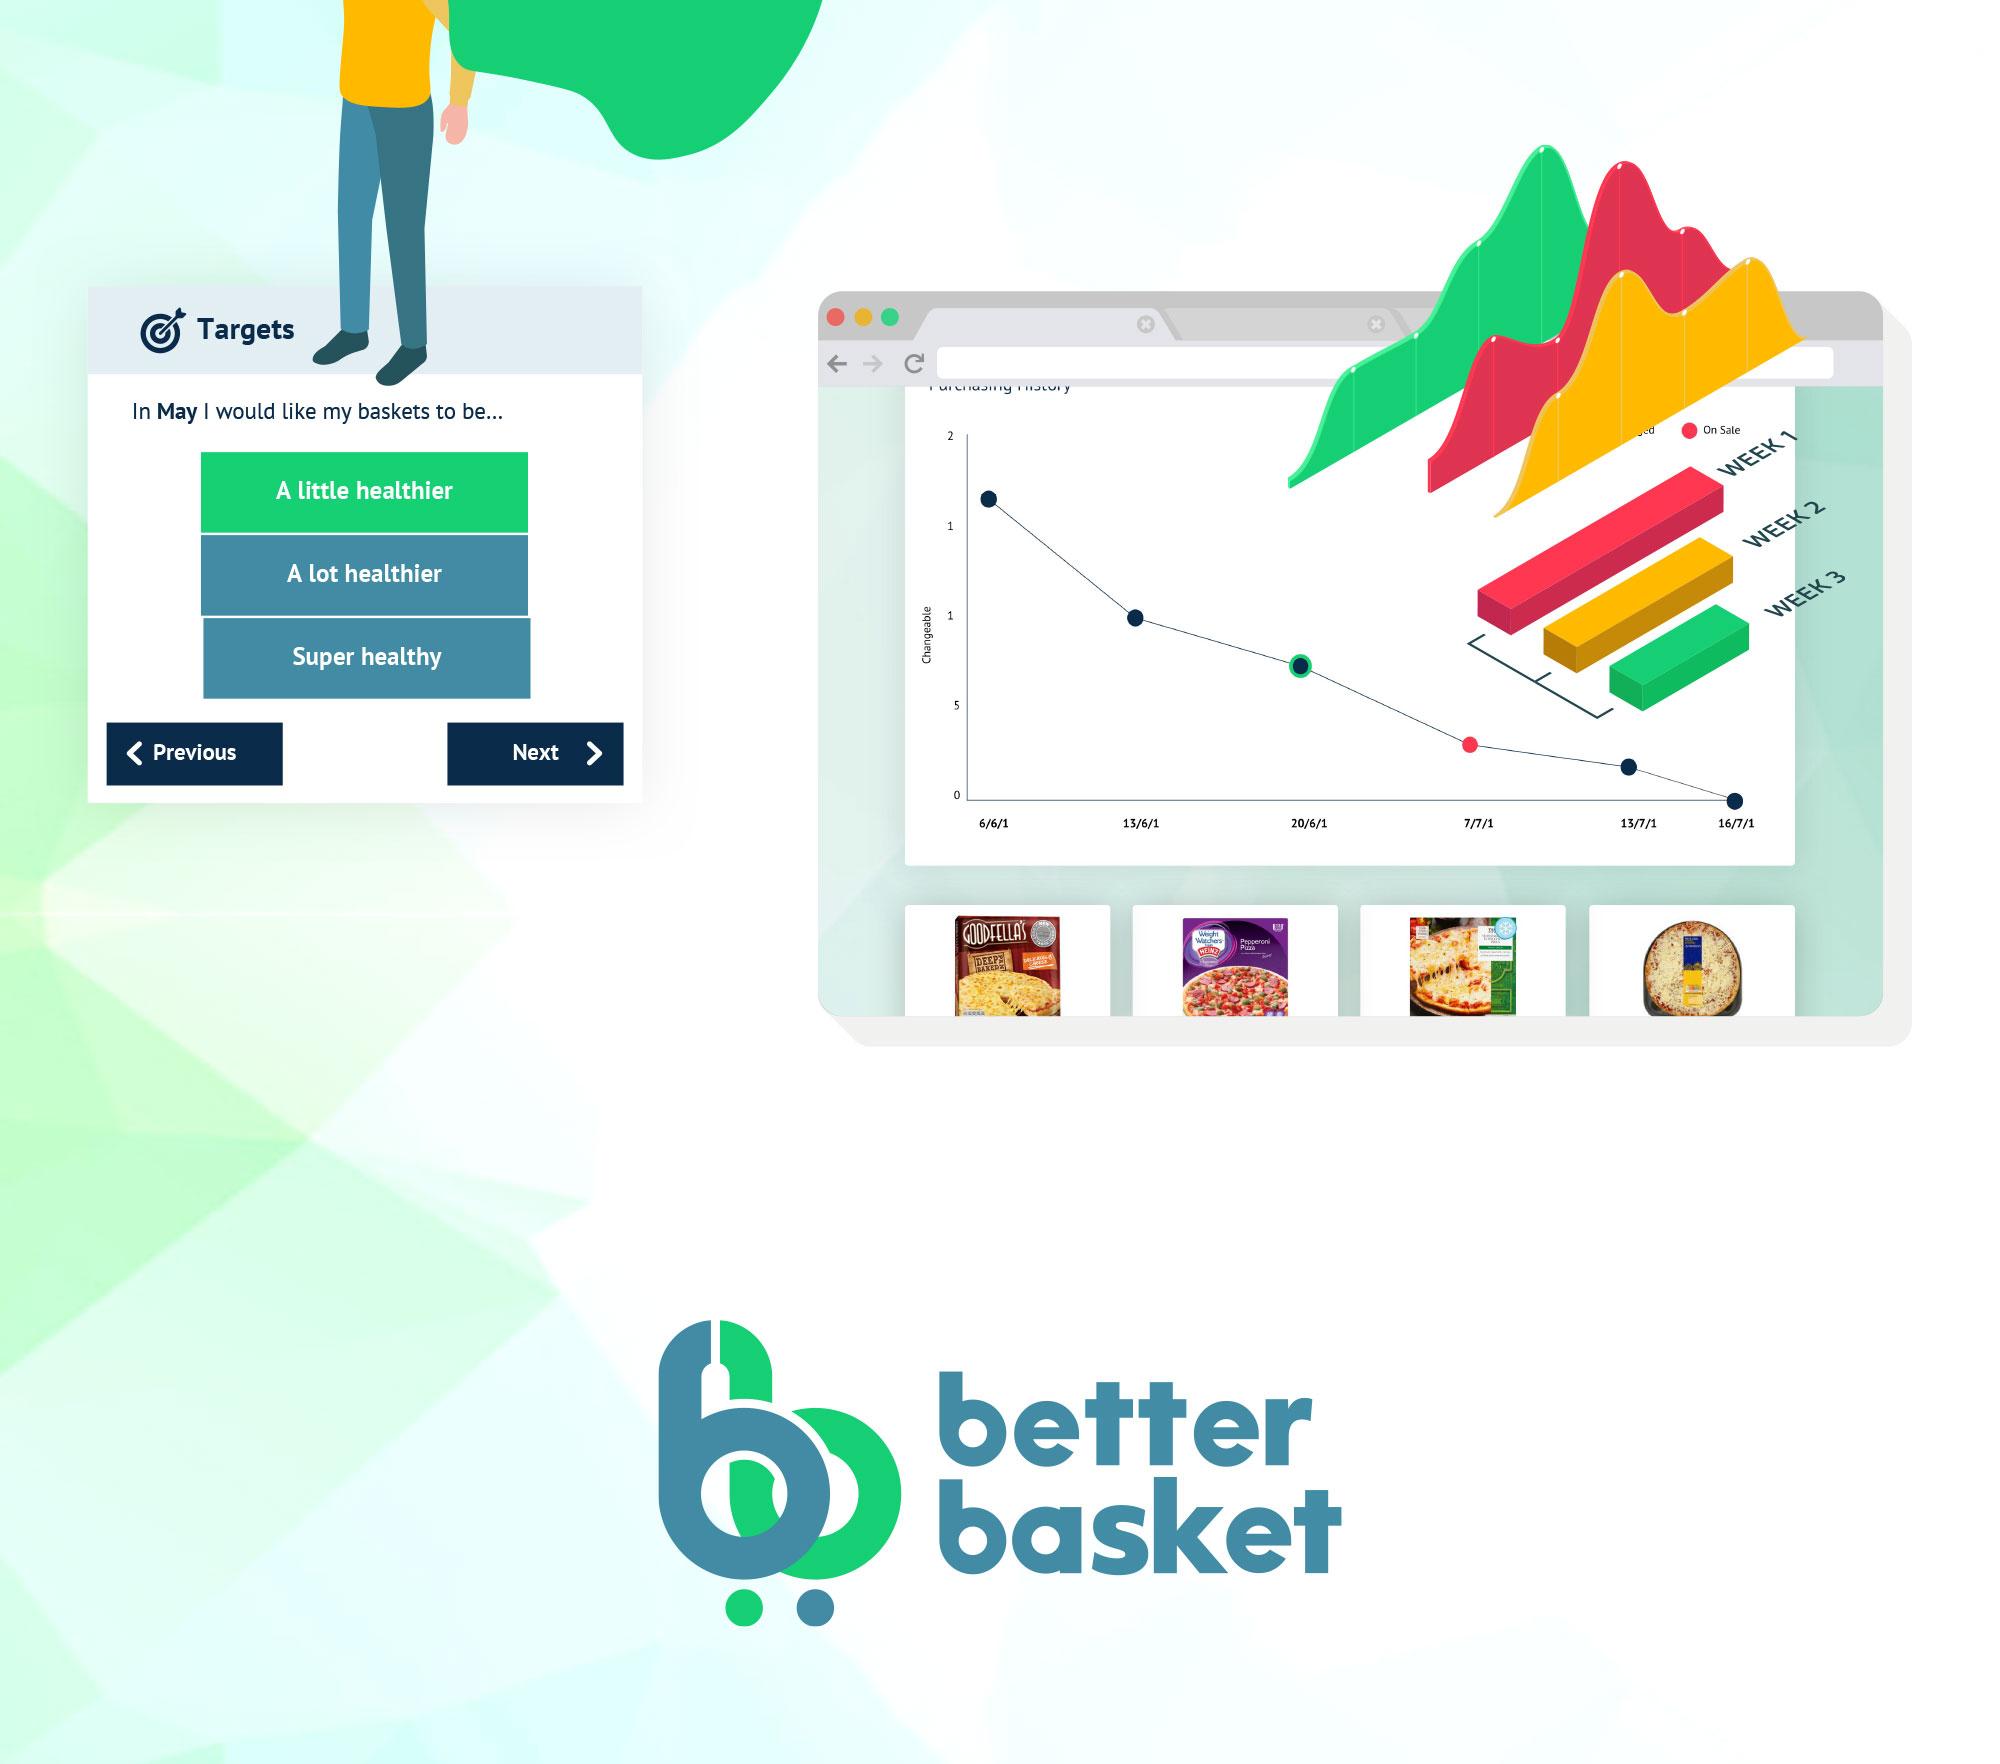 Better Basket Targets